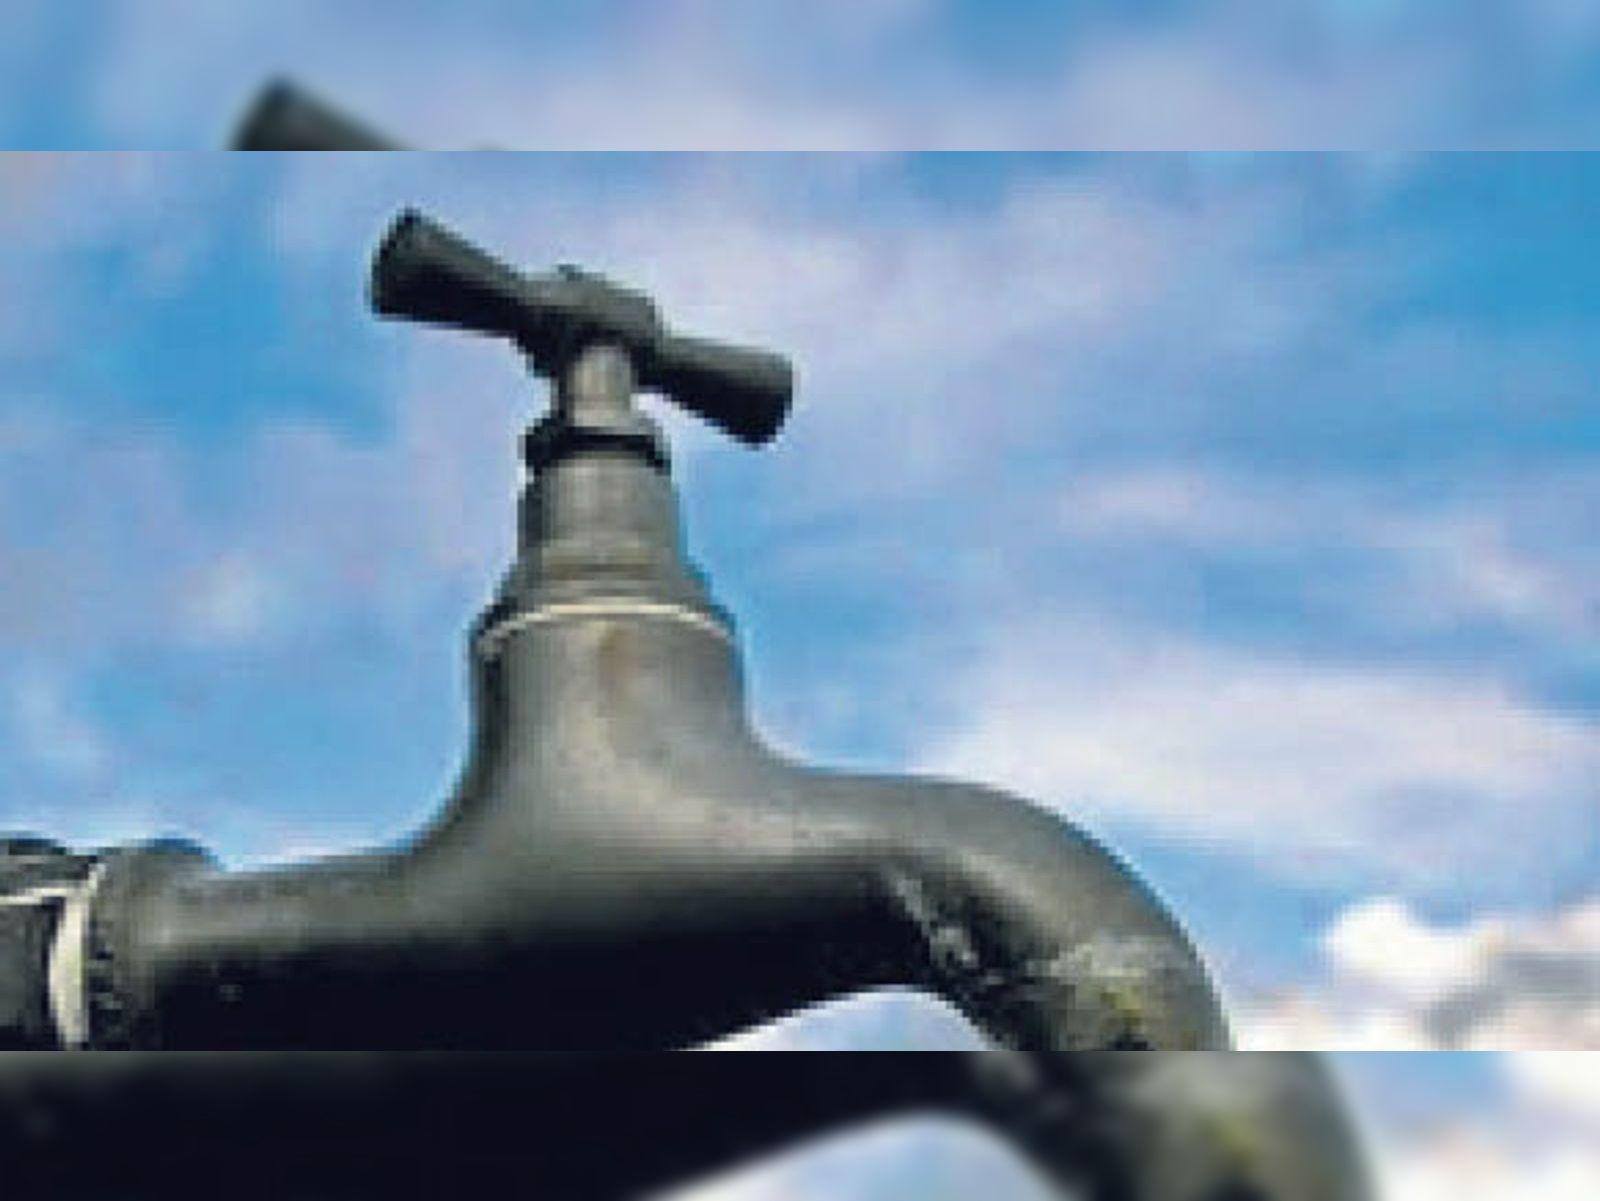 झालाना व माॅडल टाउन में एक जलाशय से पेयजल सप्लाई करने की प्लानिंग|जयपुर,Jaipur - Dainik Bhaskar